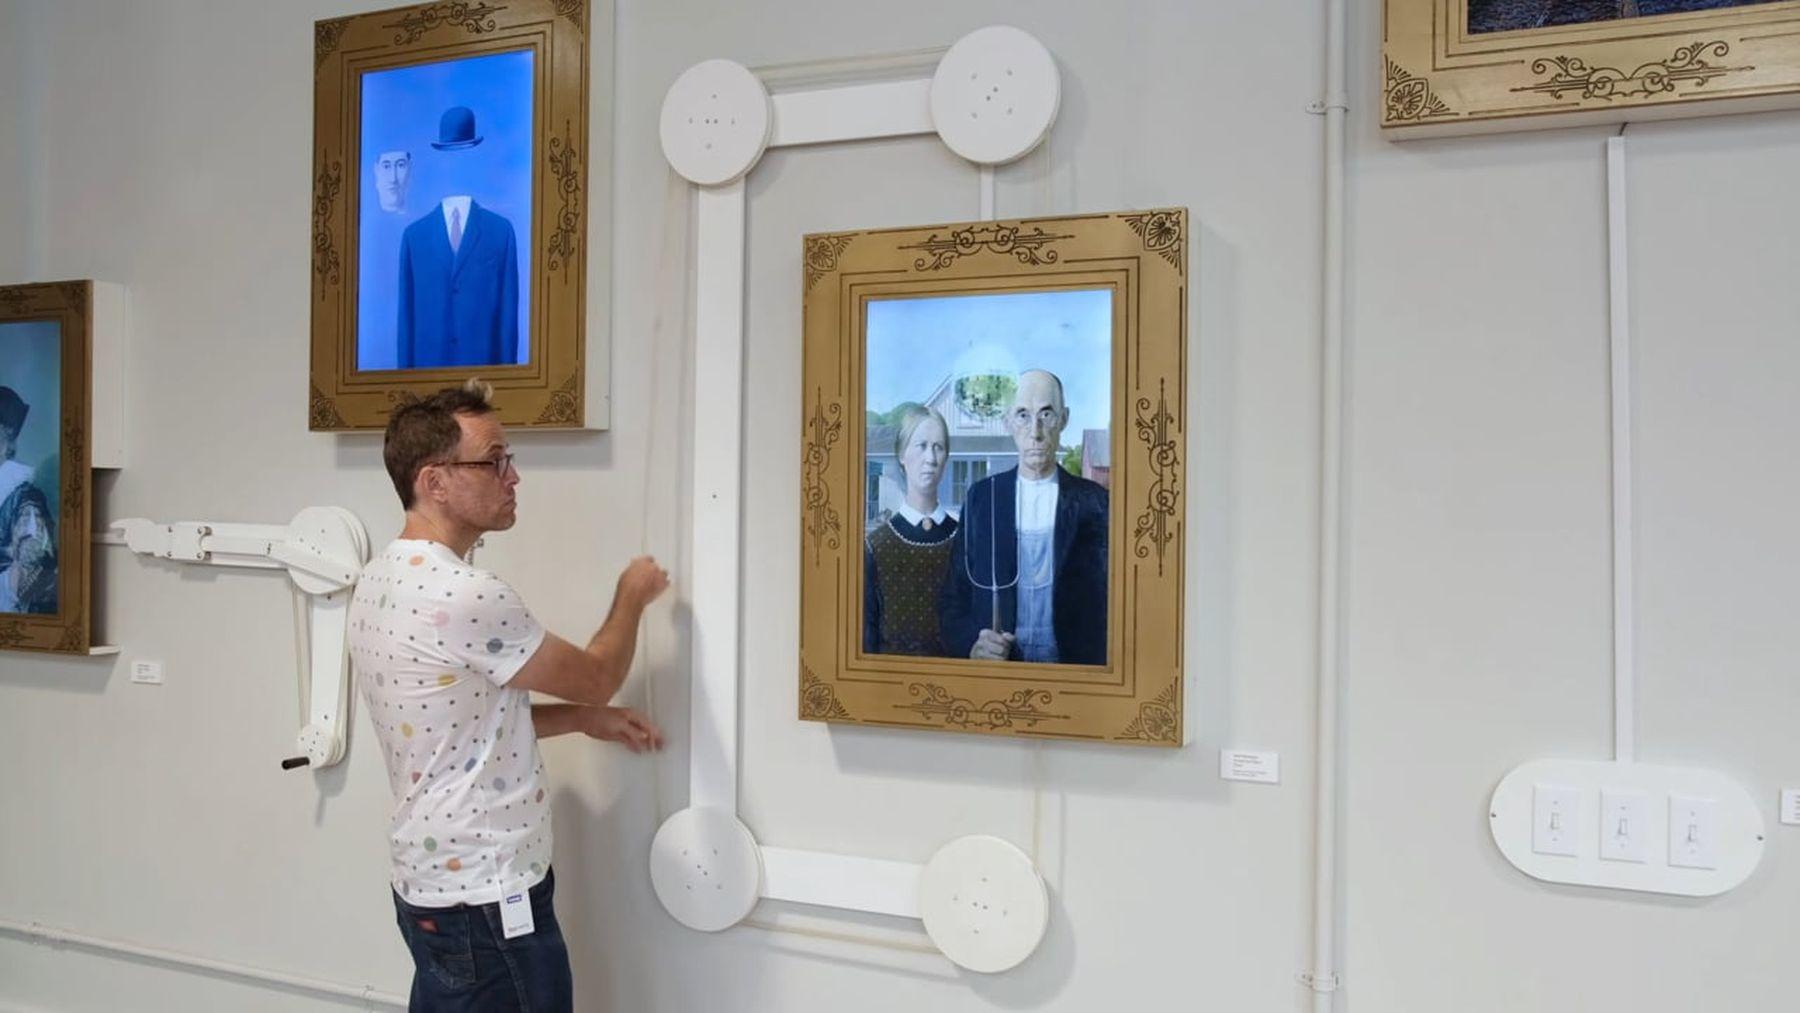 Interaktive Gemälde in einem Museum für Kinder | Design/Kunst | Was is hier eigentlich los?